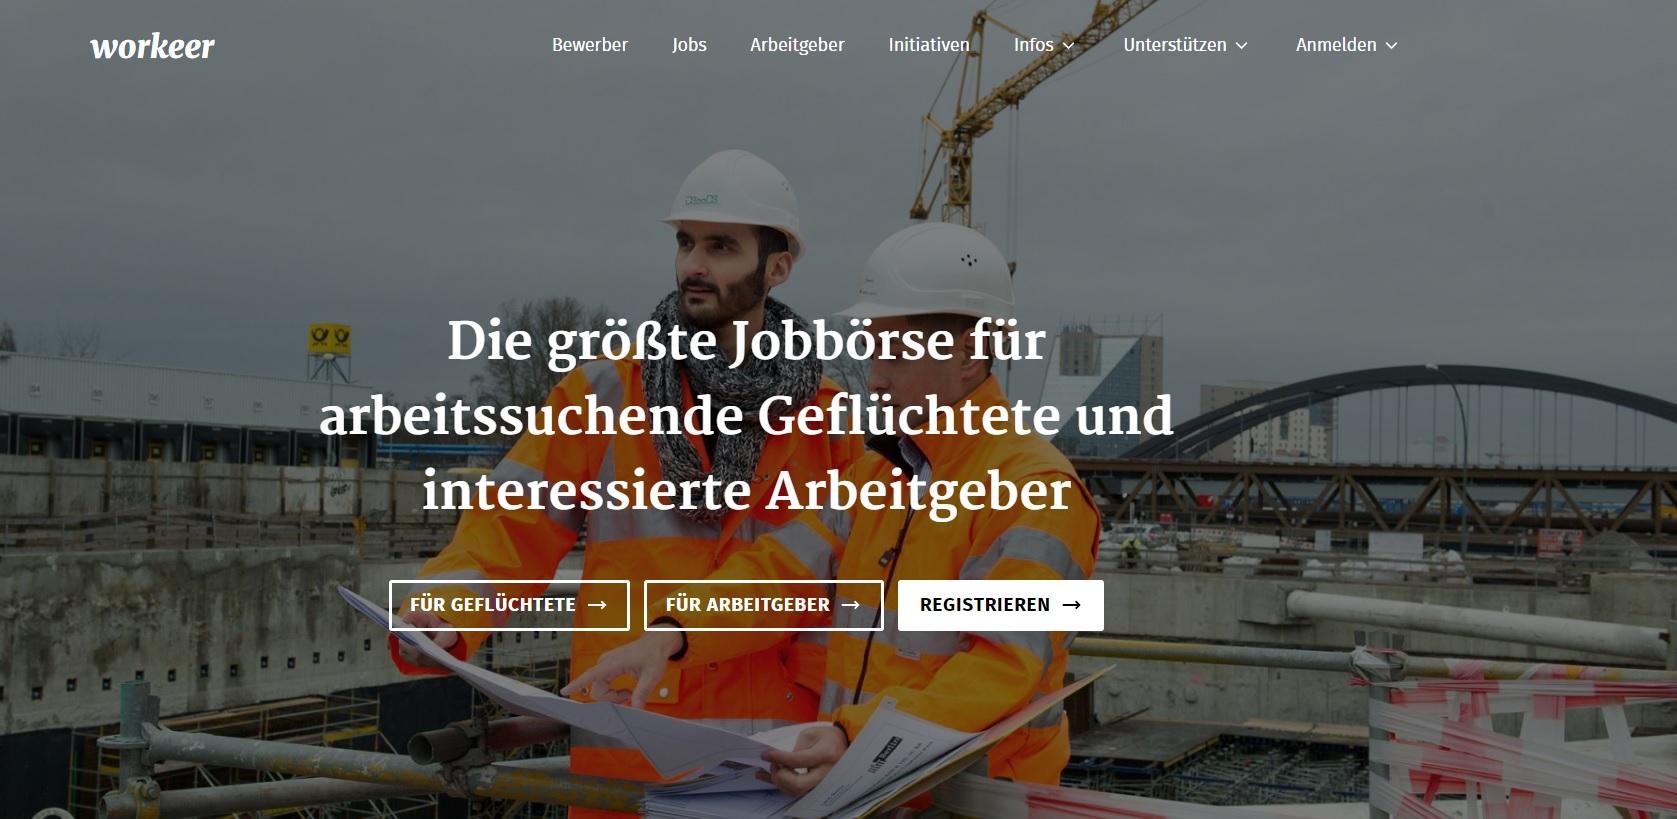 Registrieren für Arbeitssuchende